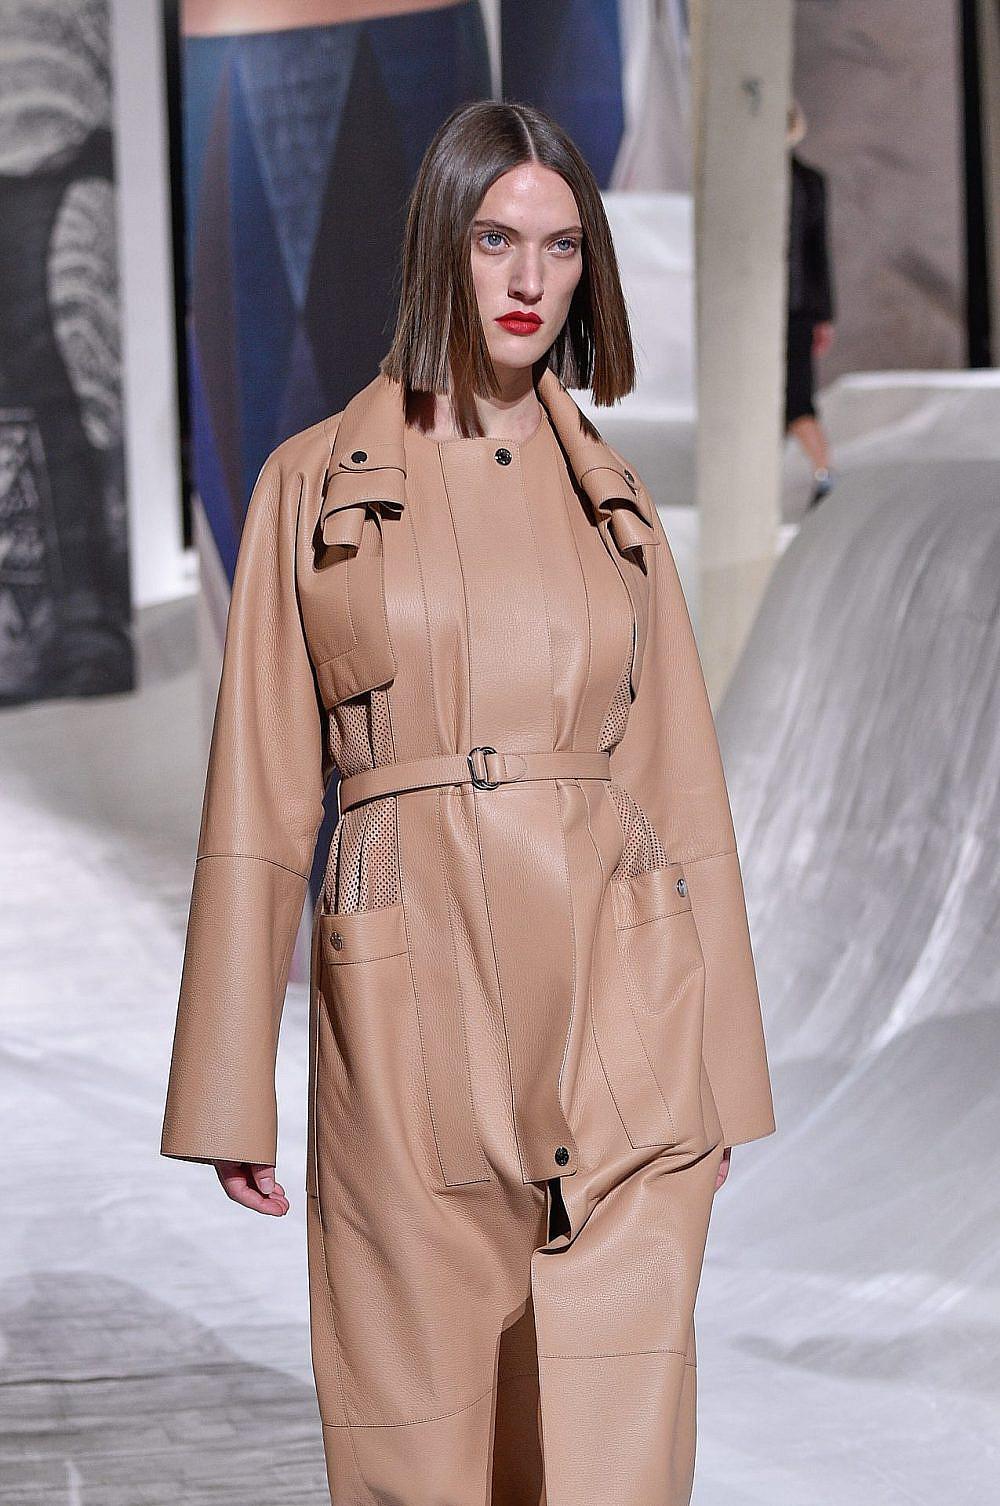 בית האופנה הרמס מציג קארה על המסלול של קולקציית קיץ 2021 | צילום: Peter White/Getty Images